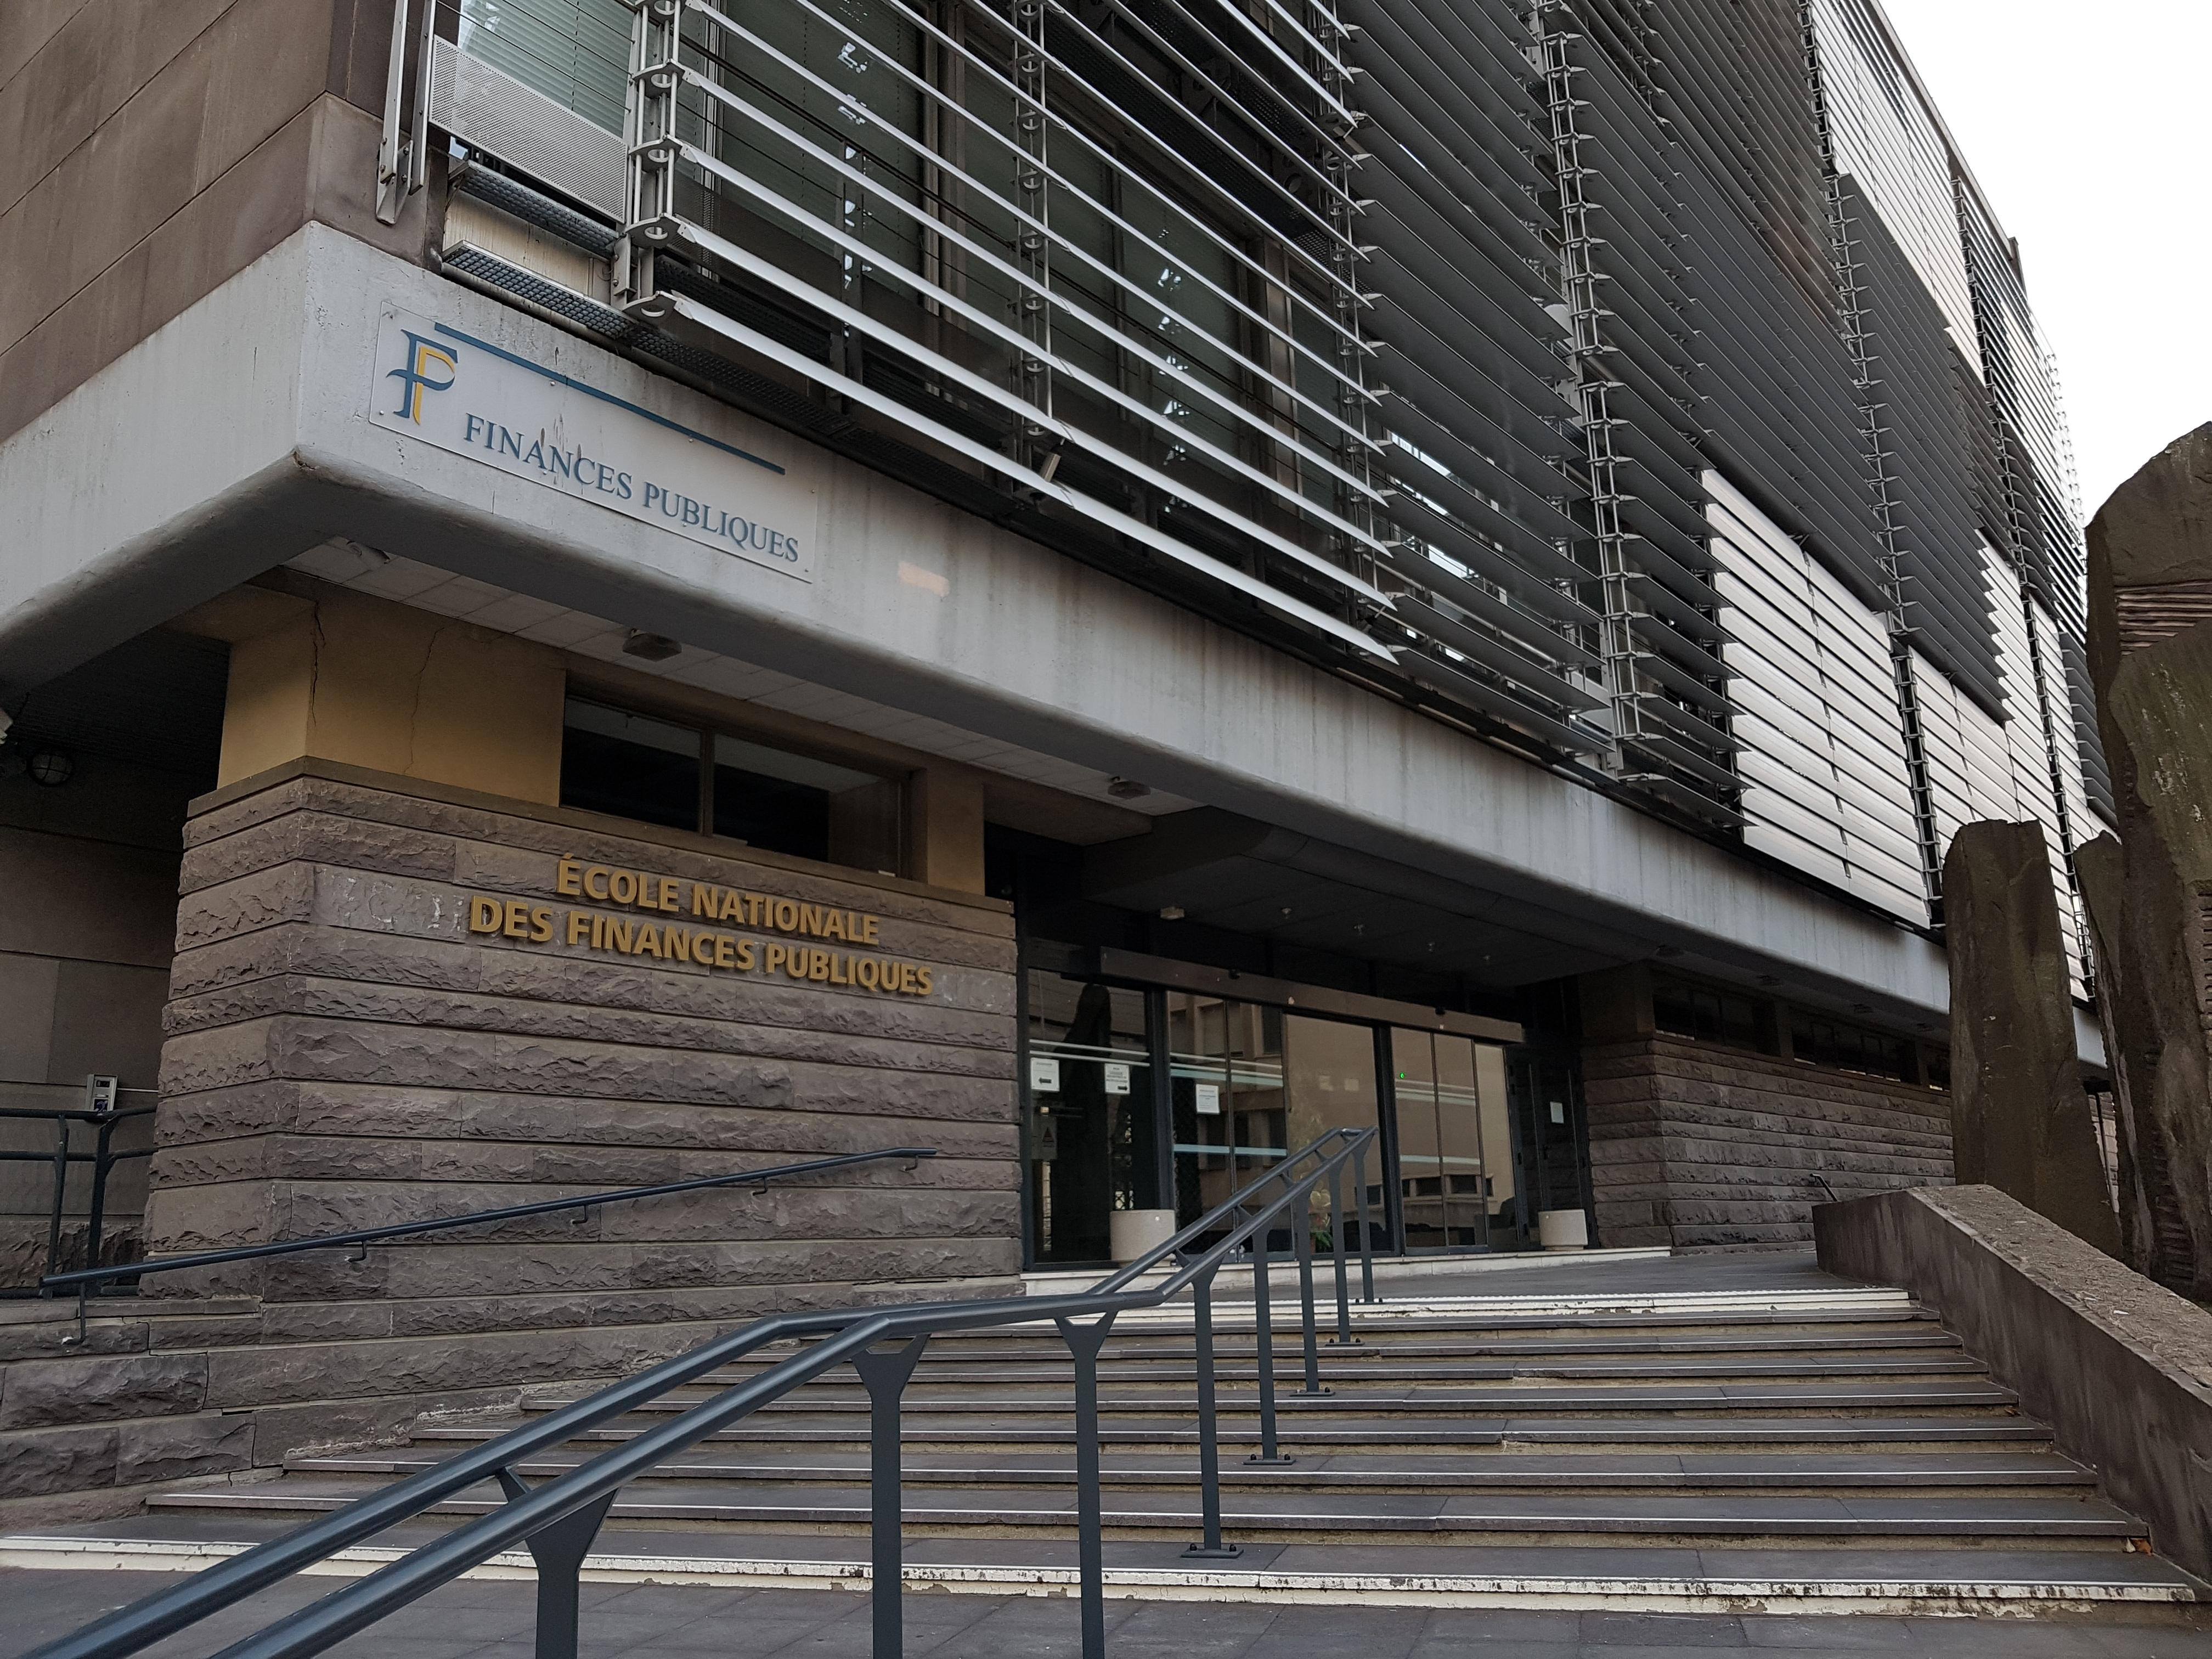 École D Architecture Clermont file:ecole nationale des finances publiques - clermont